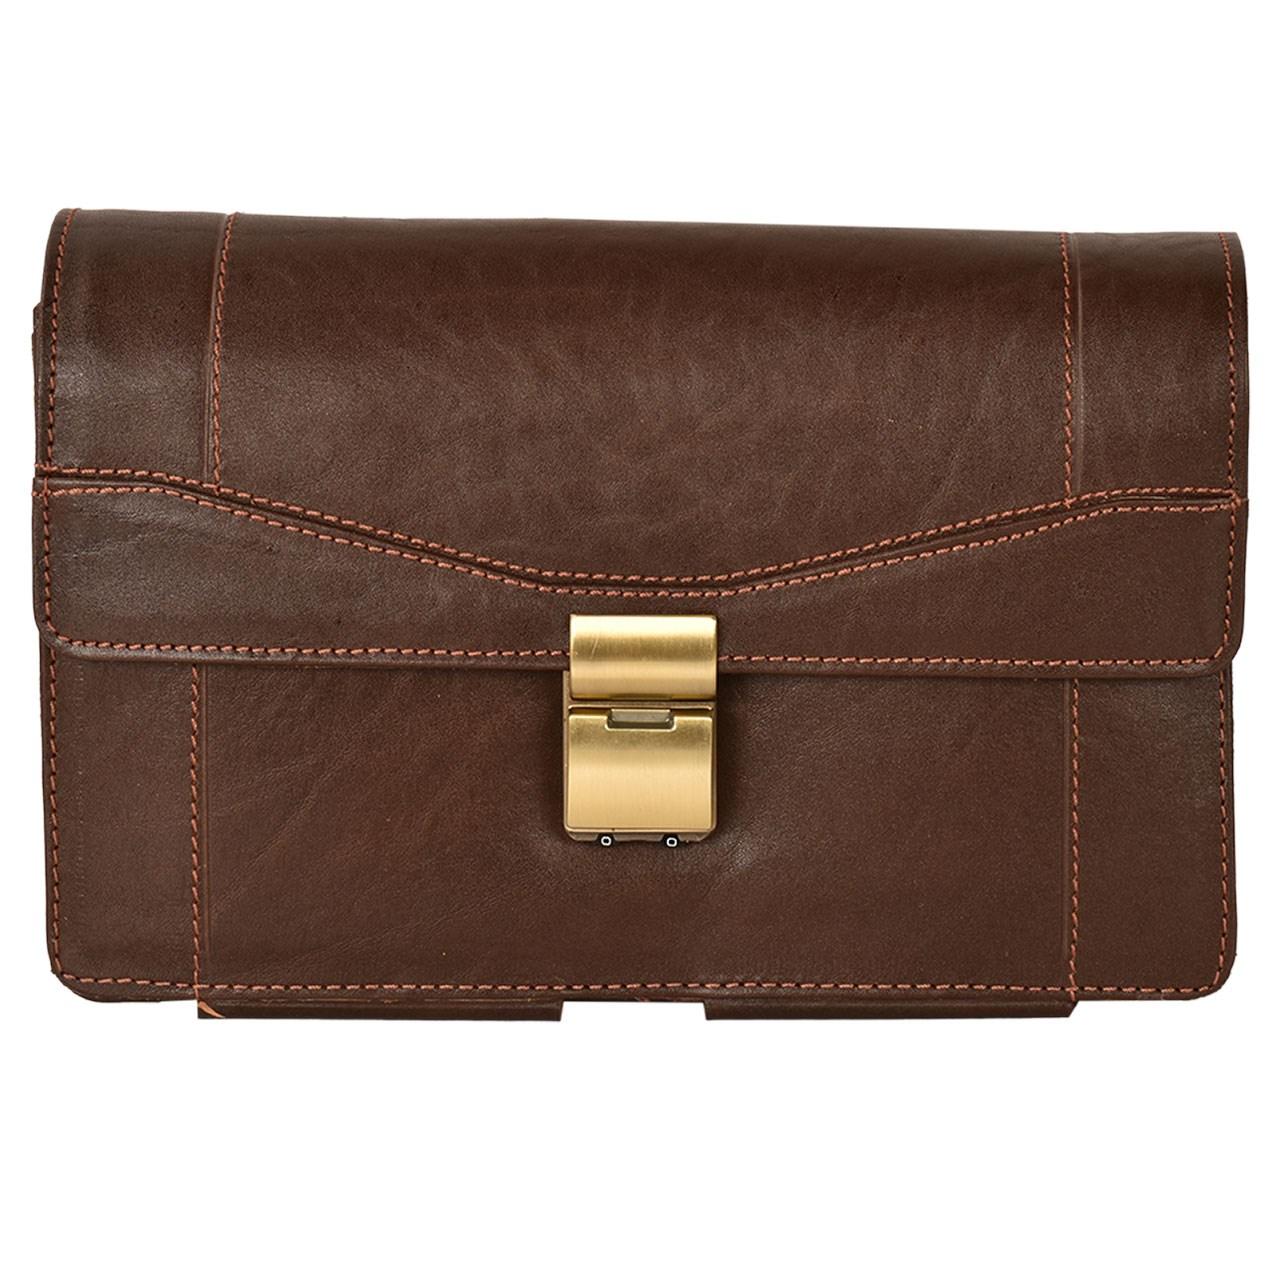 کیف دستی چرم طبیعی کهن چرم مدل DB34-7